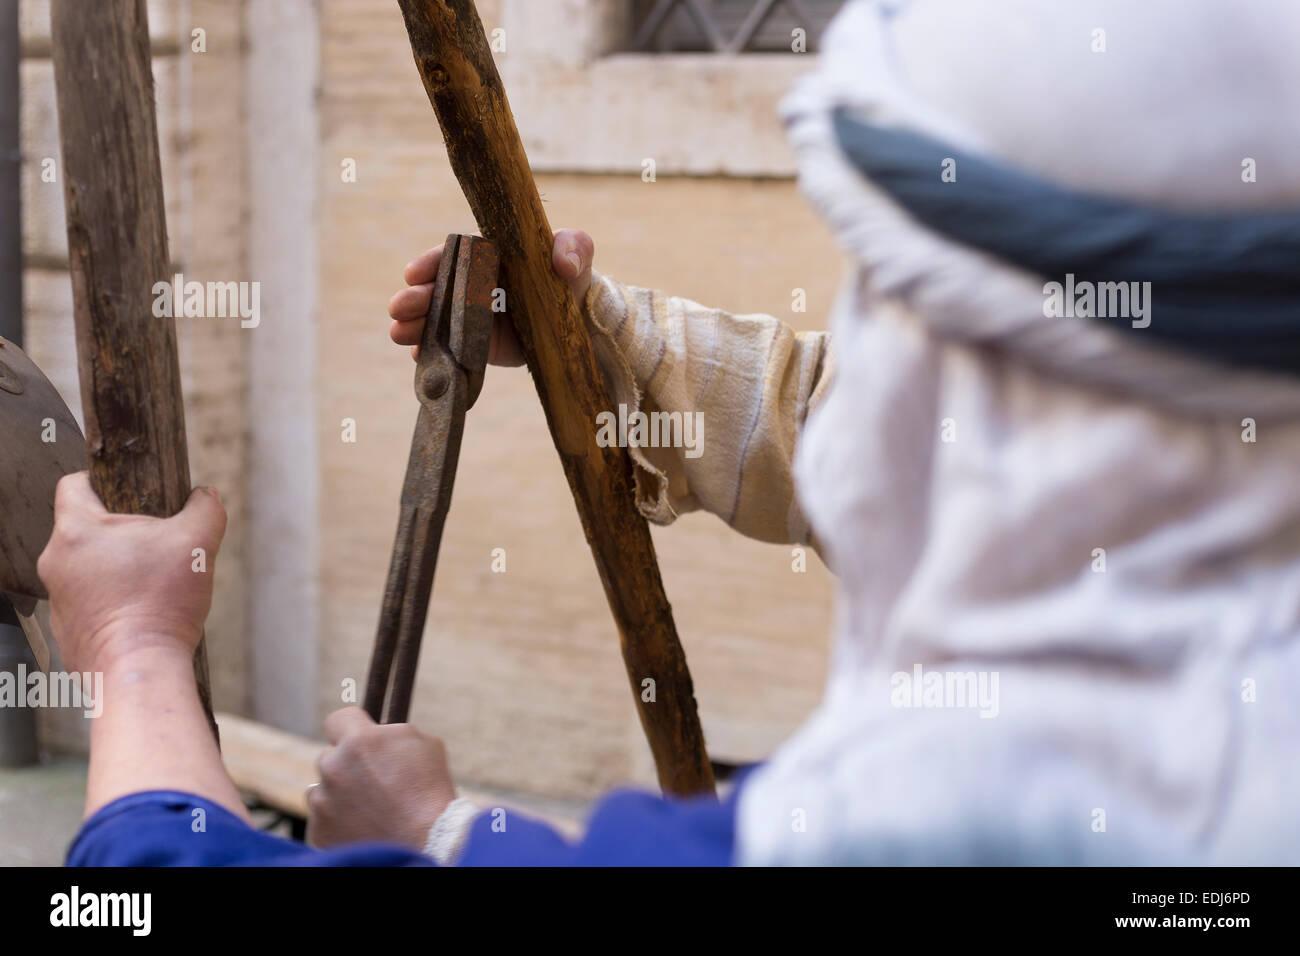 reenactment of an ancient roman blacksmith - Stock Image